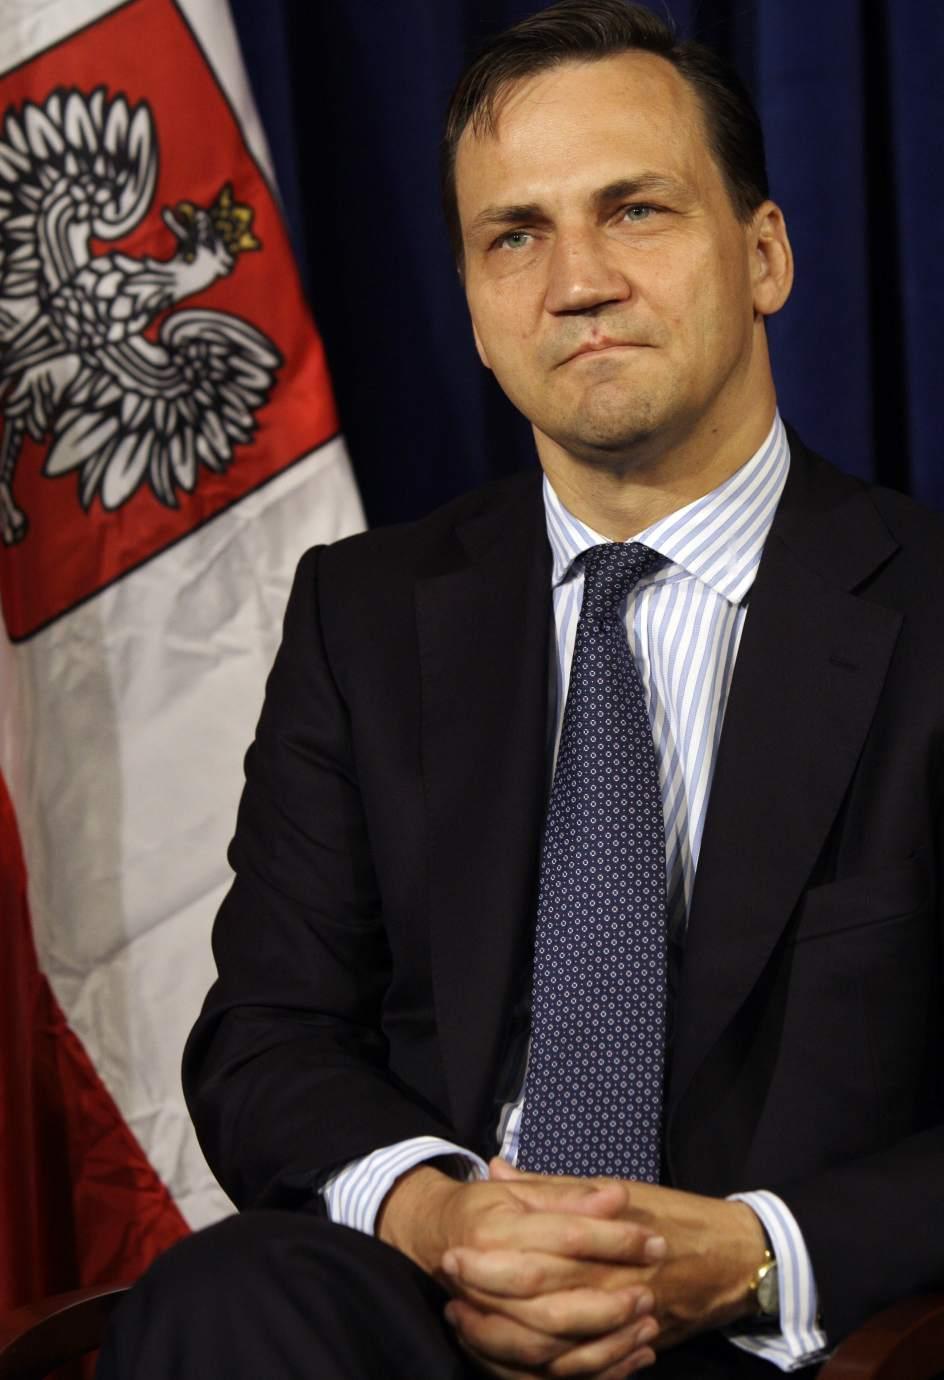 Servicio polaco mamada